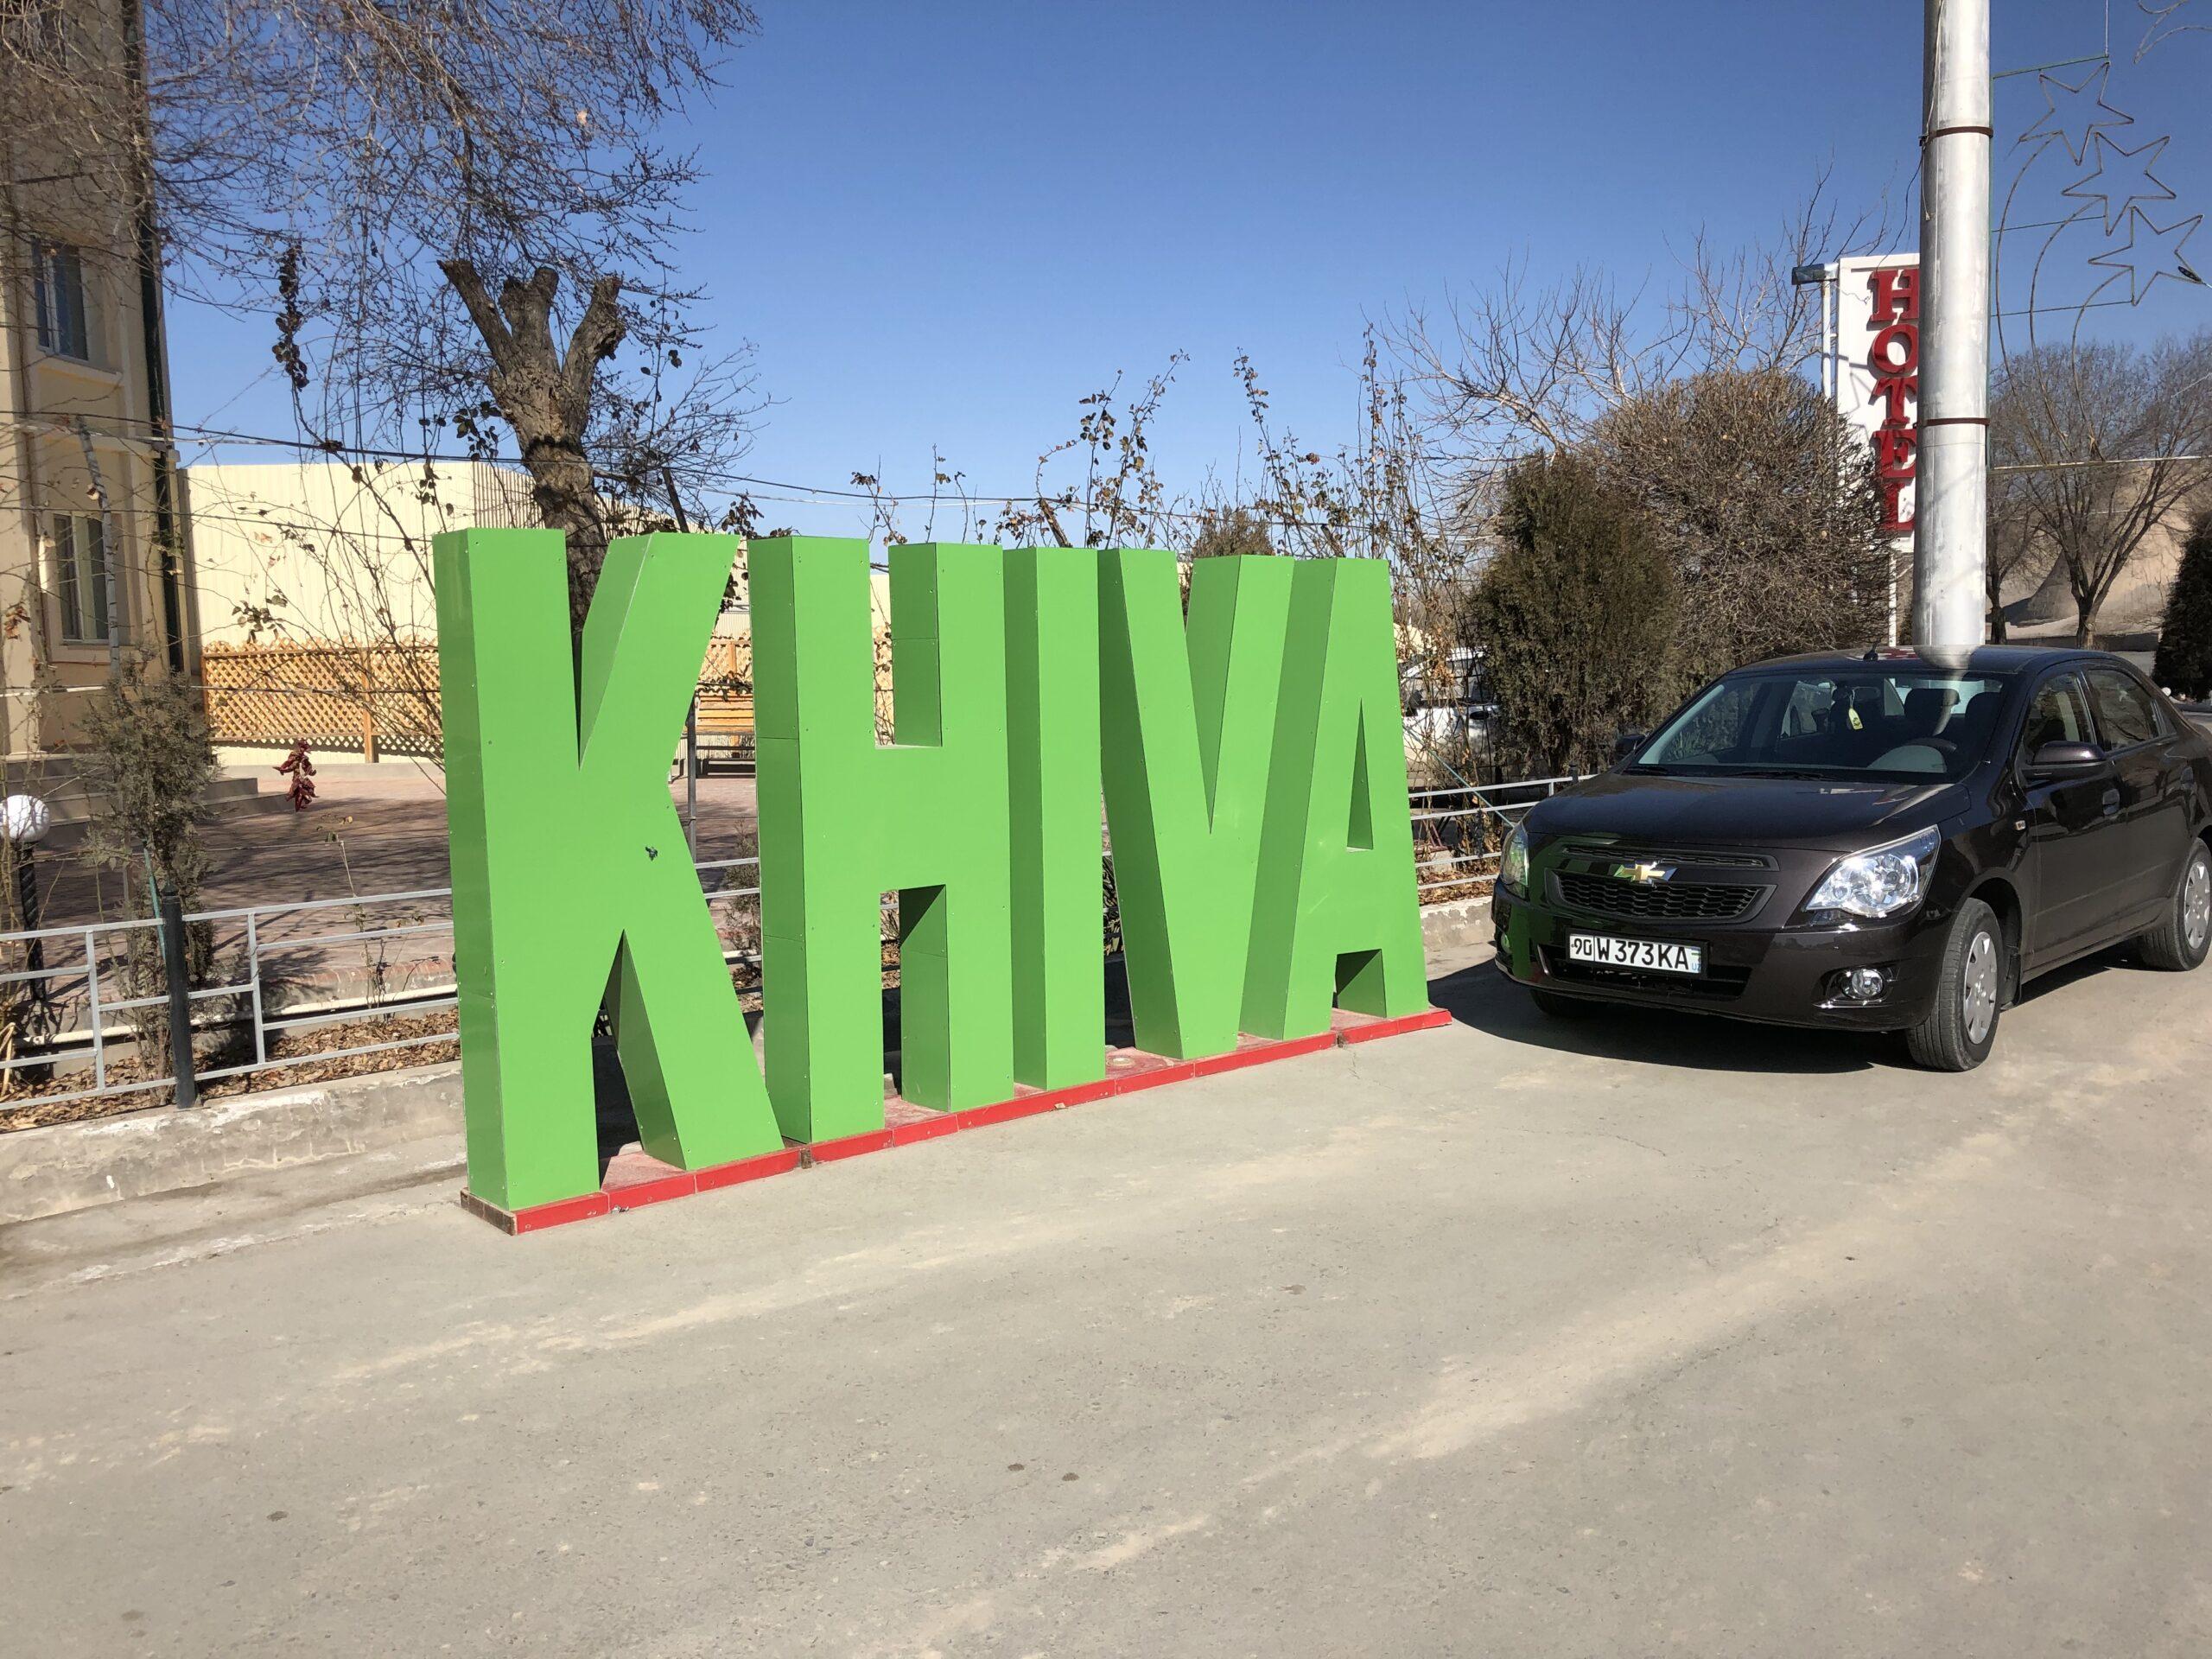 【ヒヴァ】ウズベキスタンの世界遺産の街ヒヴァへの行き方